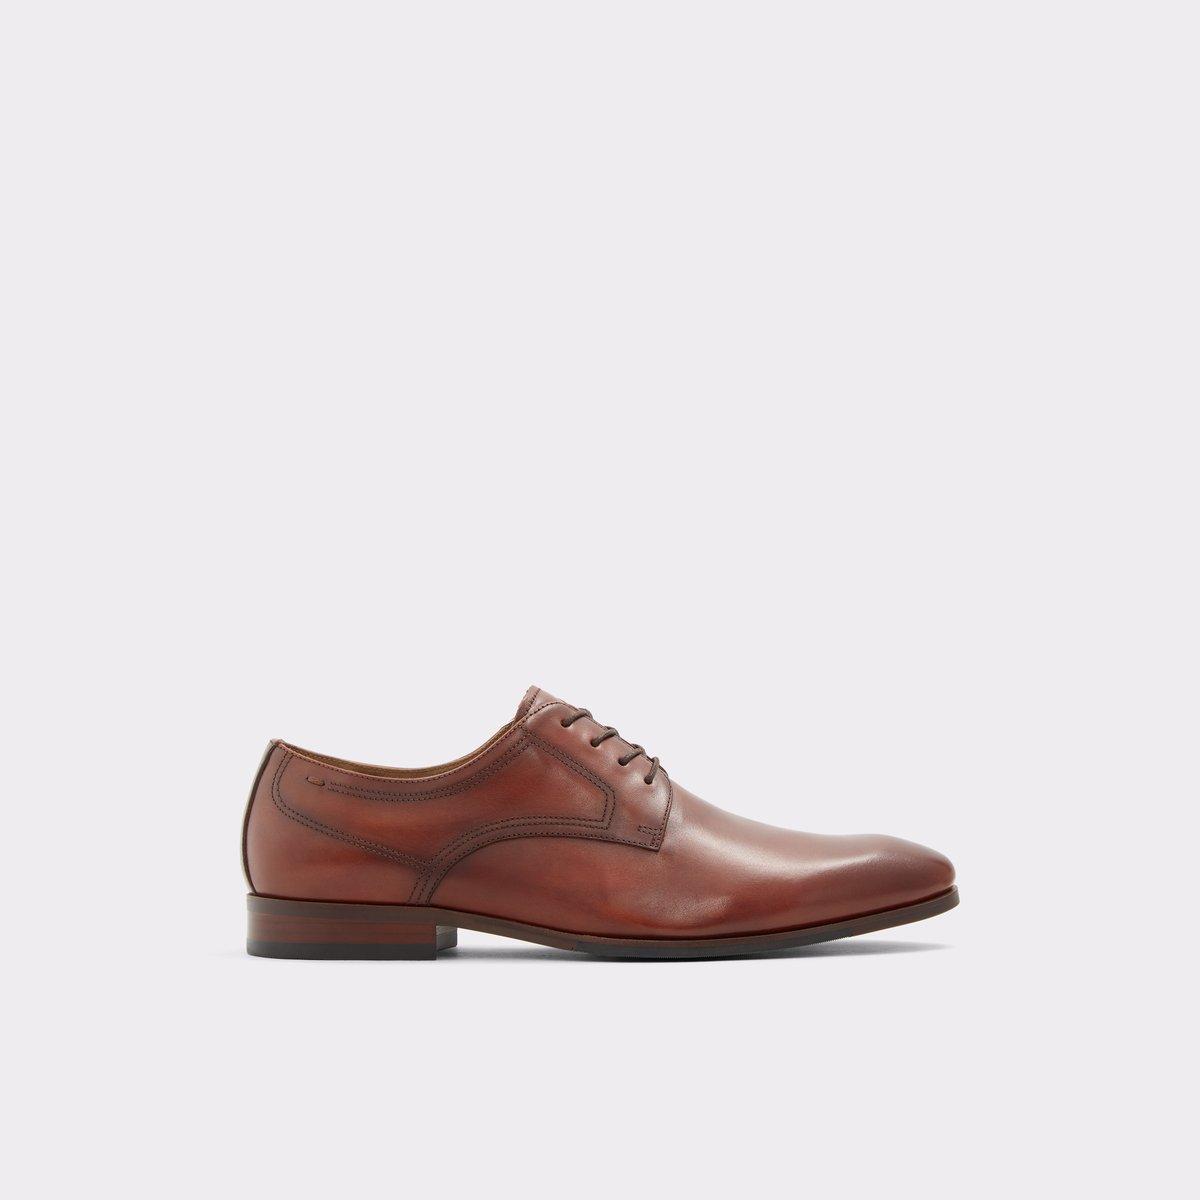 Neaniel Cognac Men's Dress shoes | ALDO US